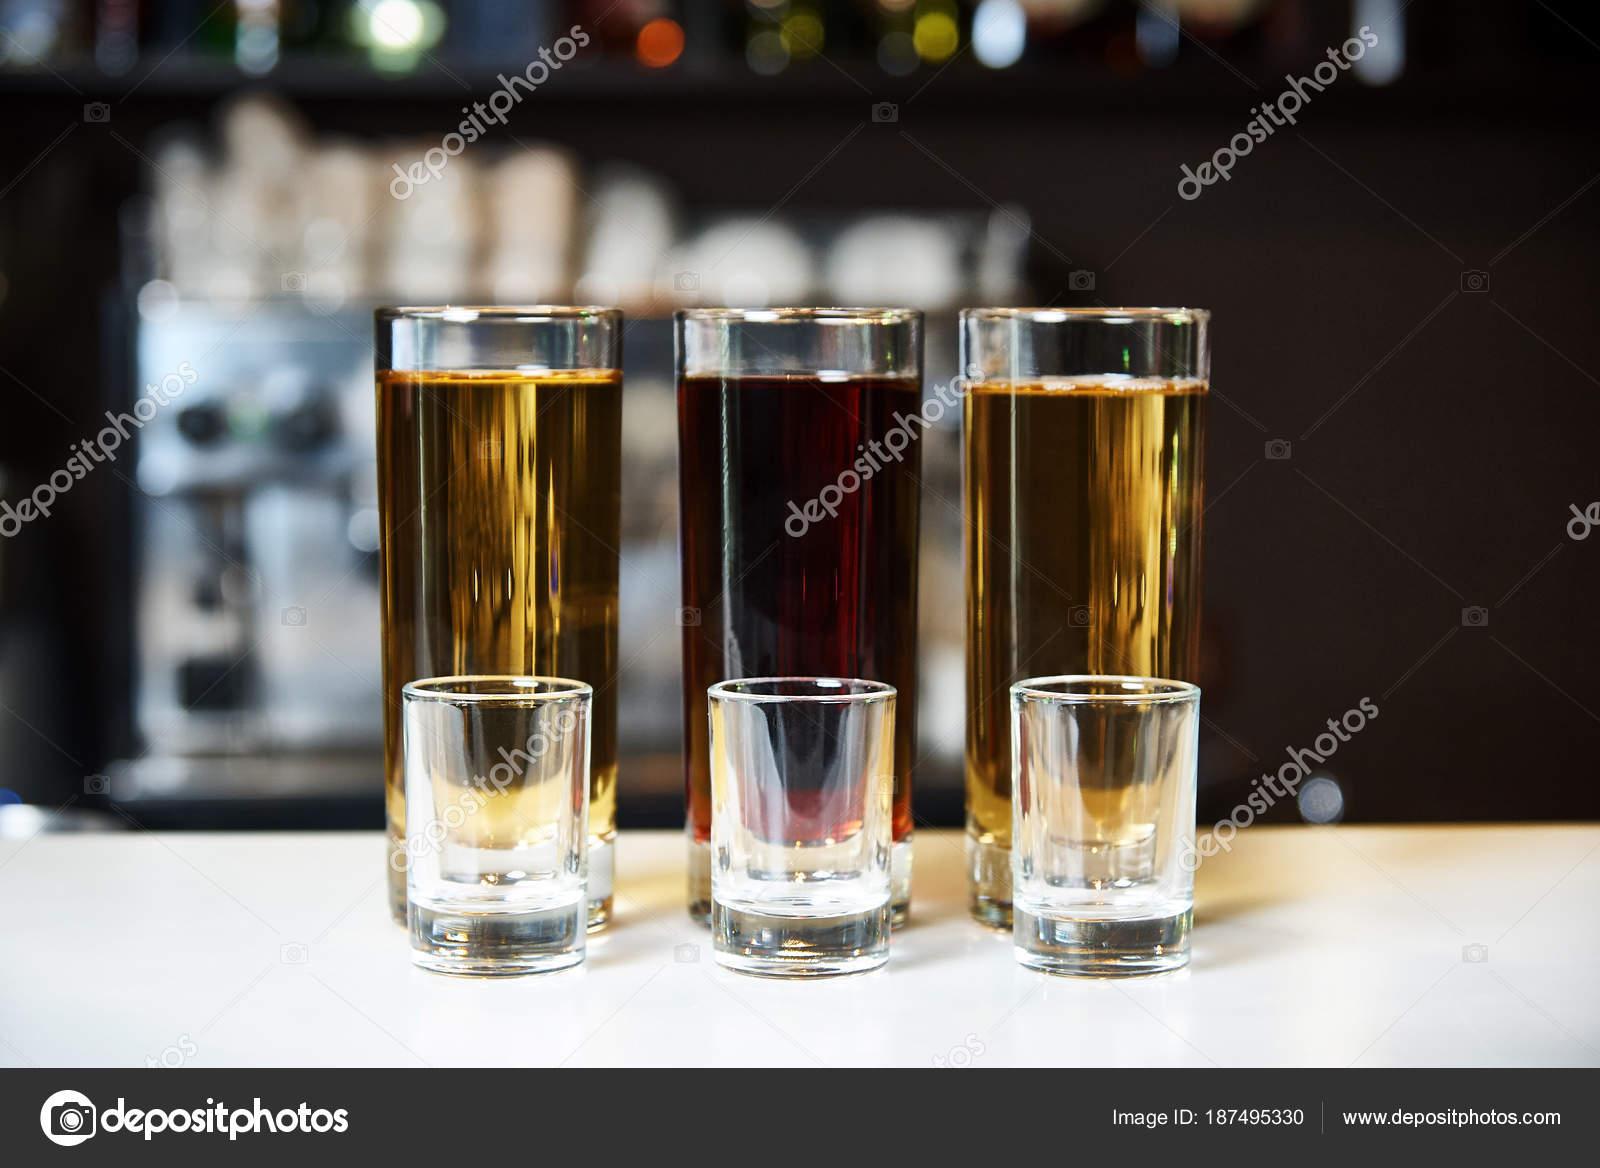 Alkohol Shots Und Leere Gläser Auf Dem Hintergrund Einer ...